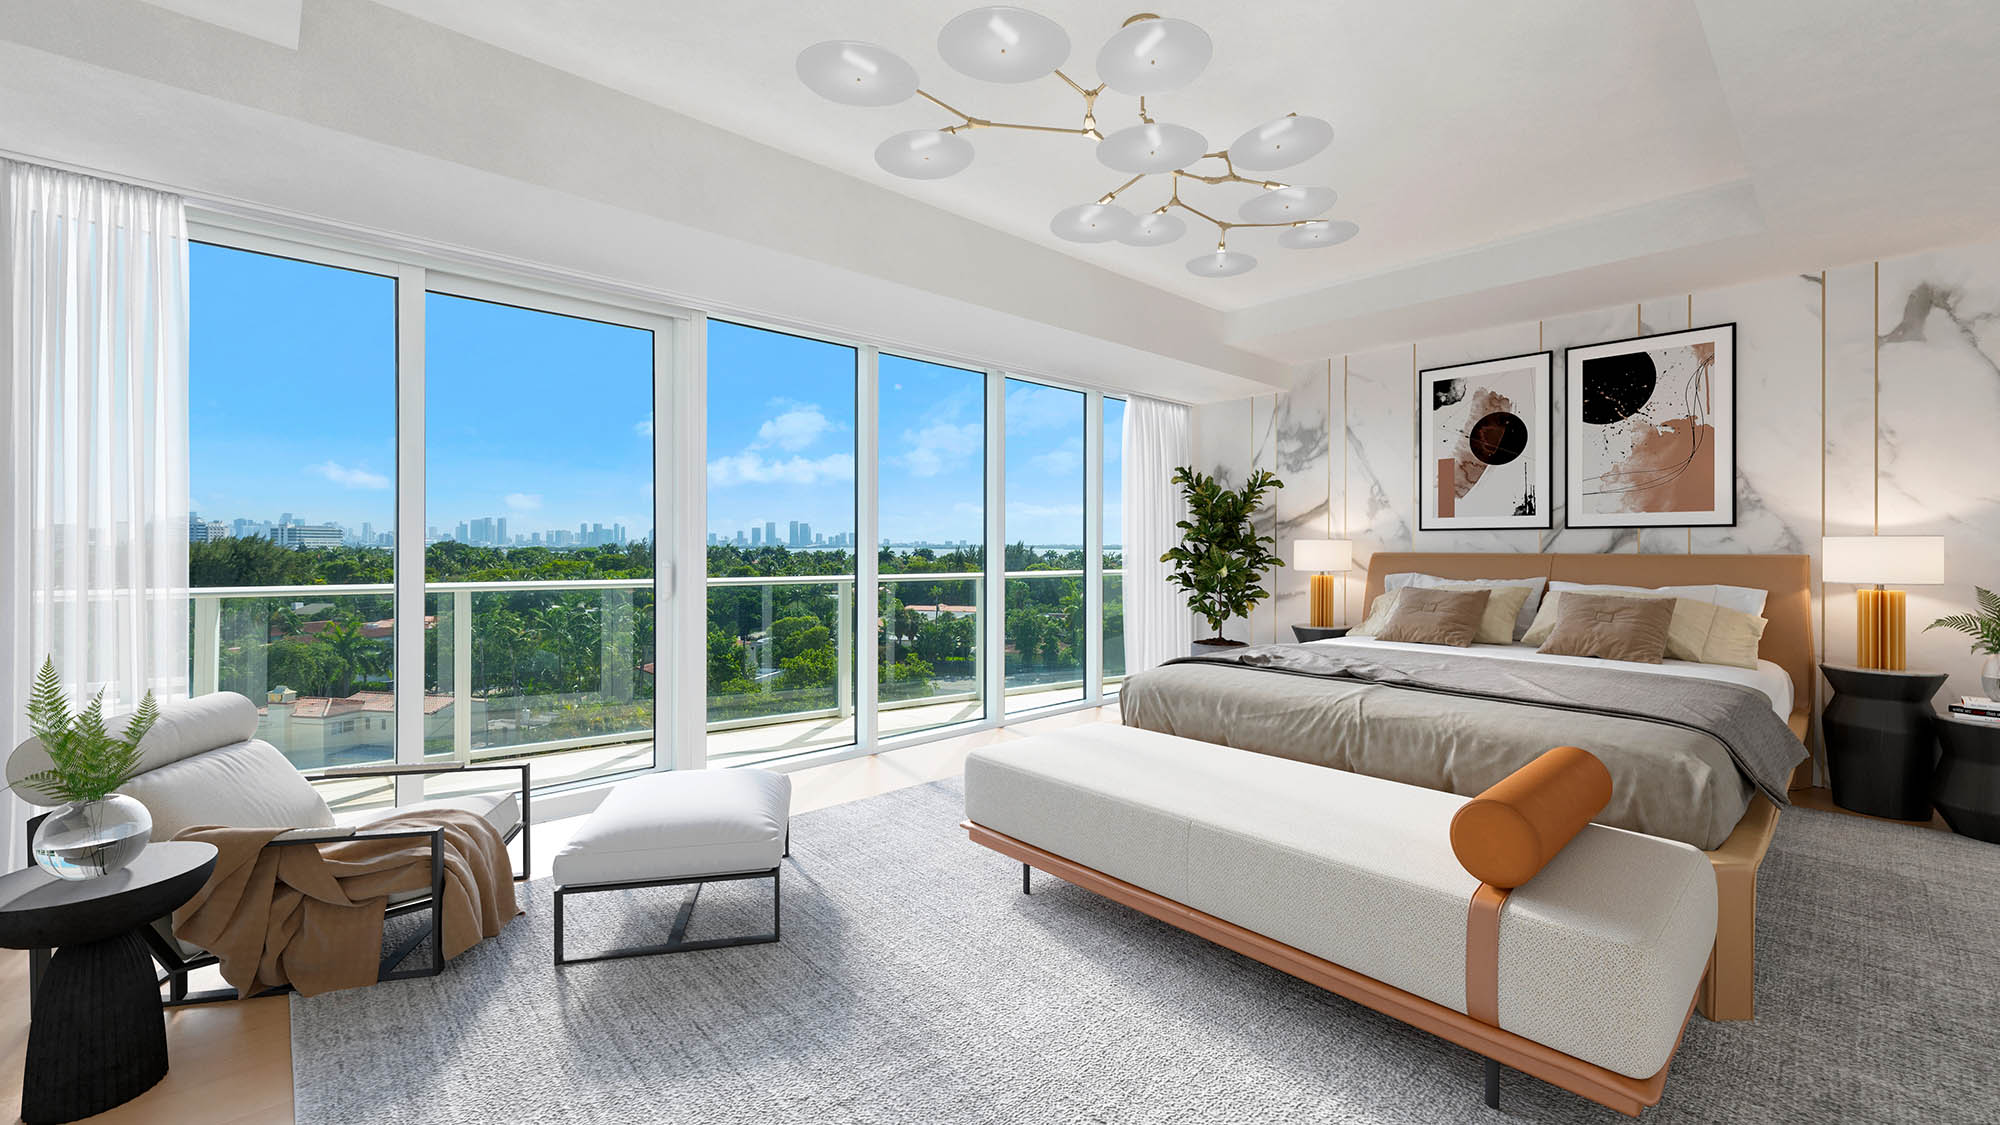 Expansive Terraces at the Miami luxury condos of The Ritz-Carlton Residences, Miami Beach